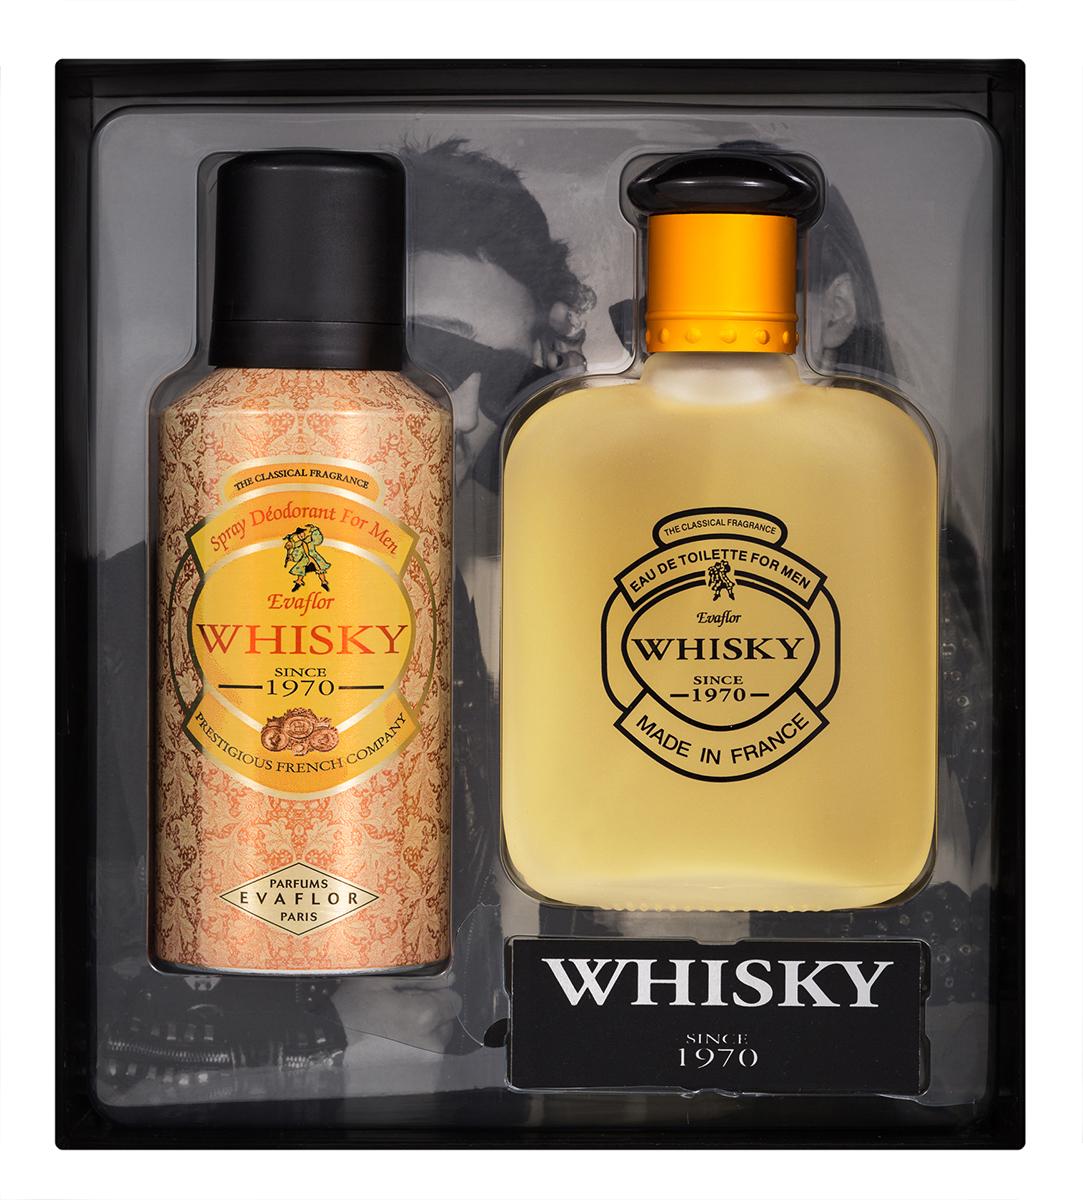 Evaflor Подарочный набор Whisky мужской: Туалетная вода, 100 мл , дезодорант, 75 мл42896Подарочный набор для мужчин : туалетная вода 100мл, парфюмированный дезодорант 150 мл.